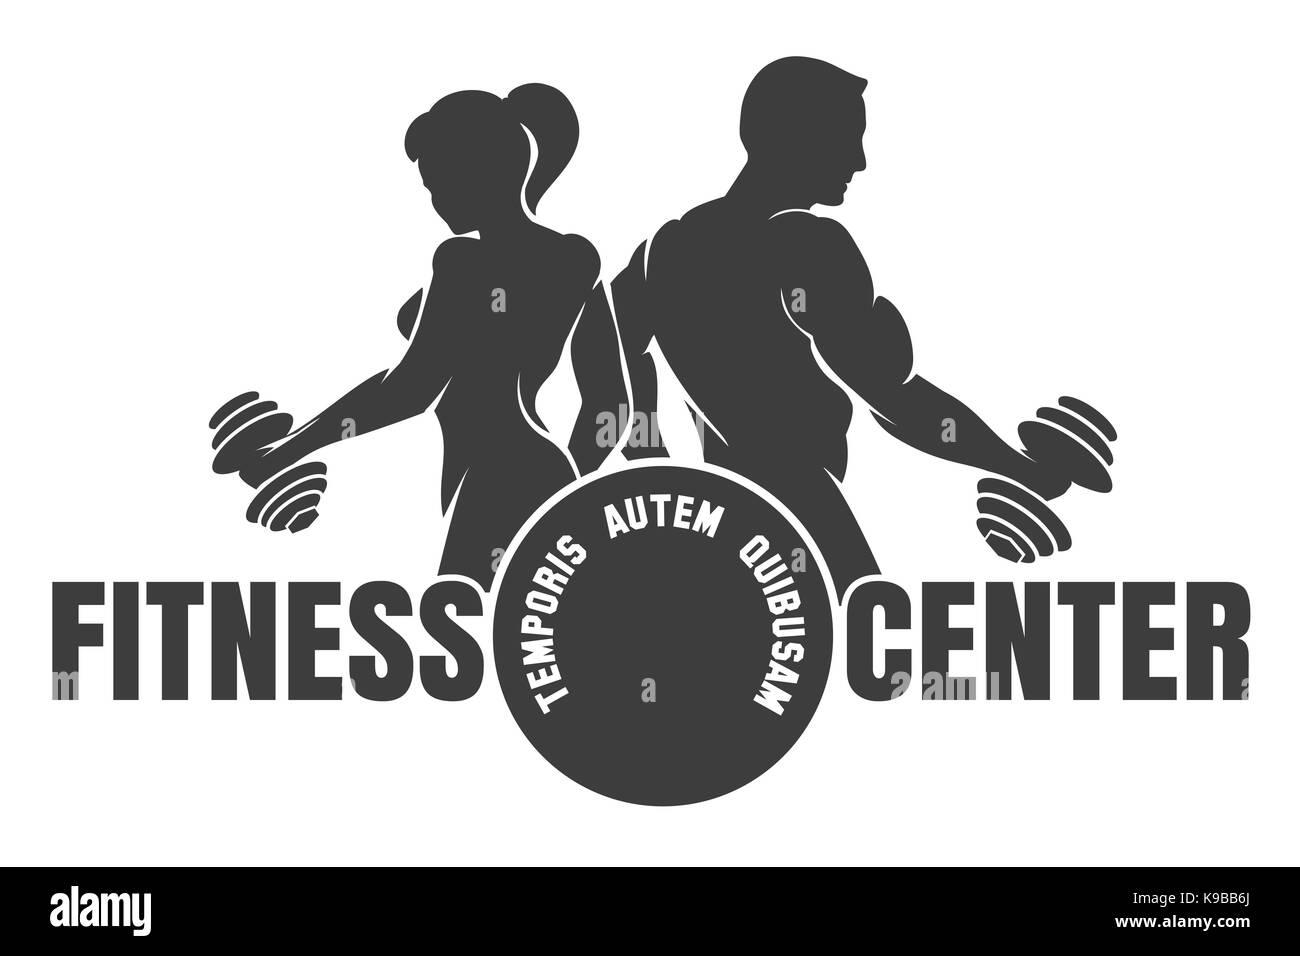 Bodybuilding Logo Stock Photos & Bodybuilding Logo Stock